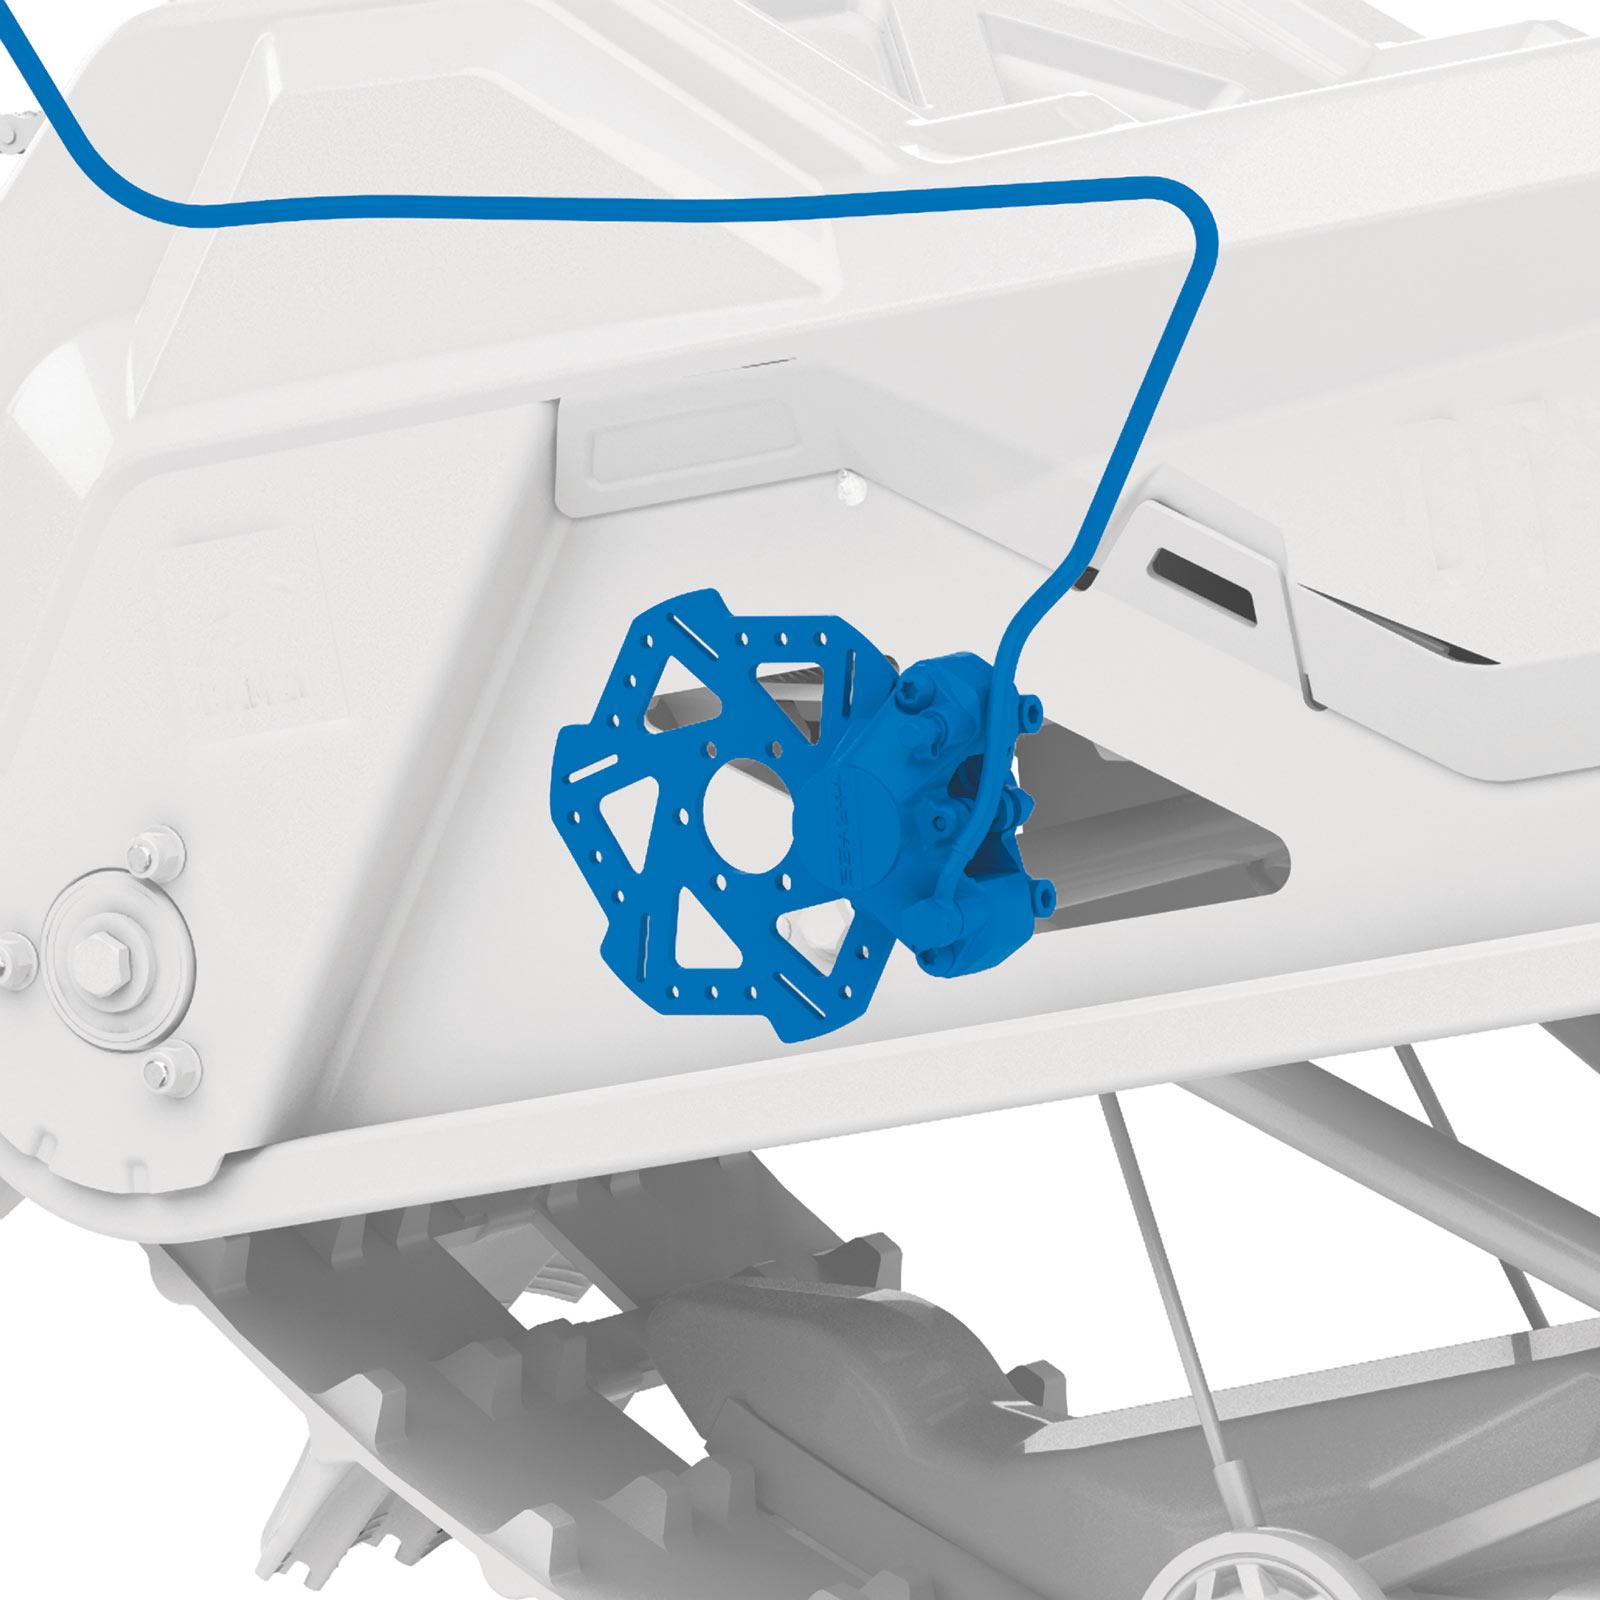 Pre-bled brake system